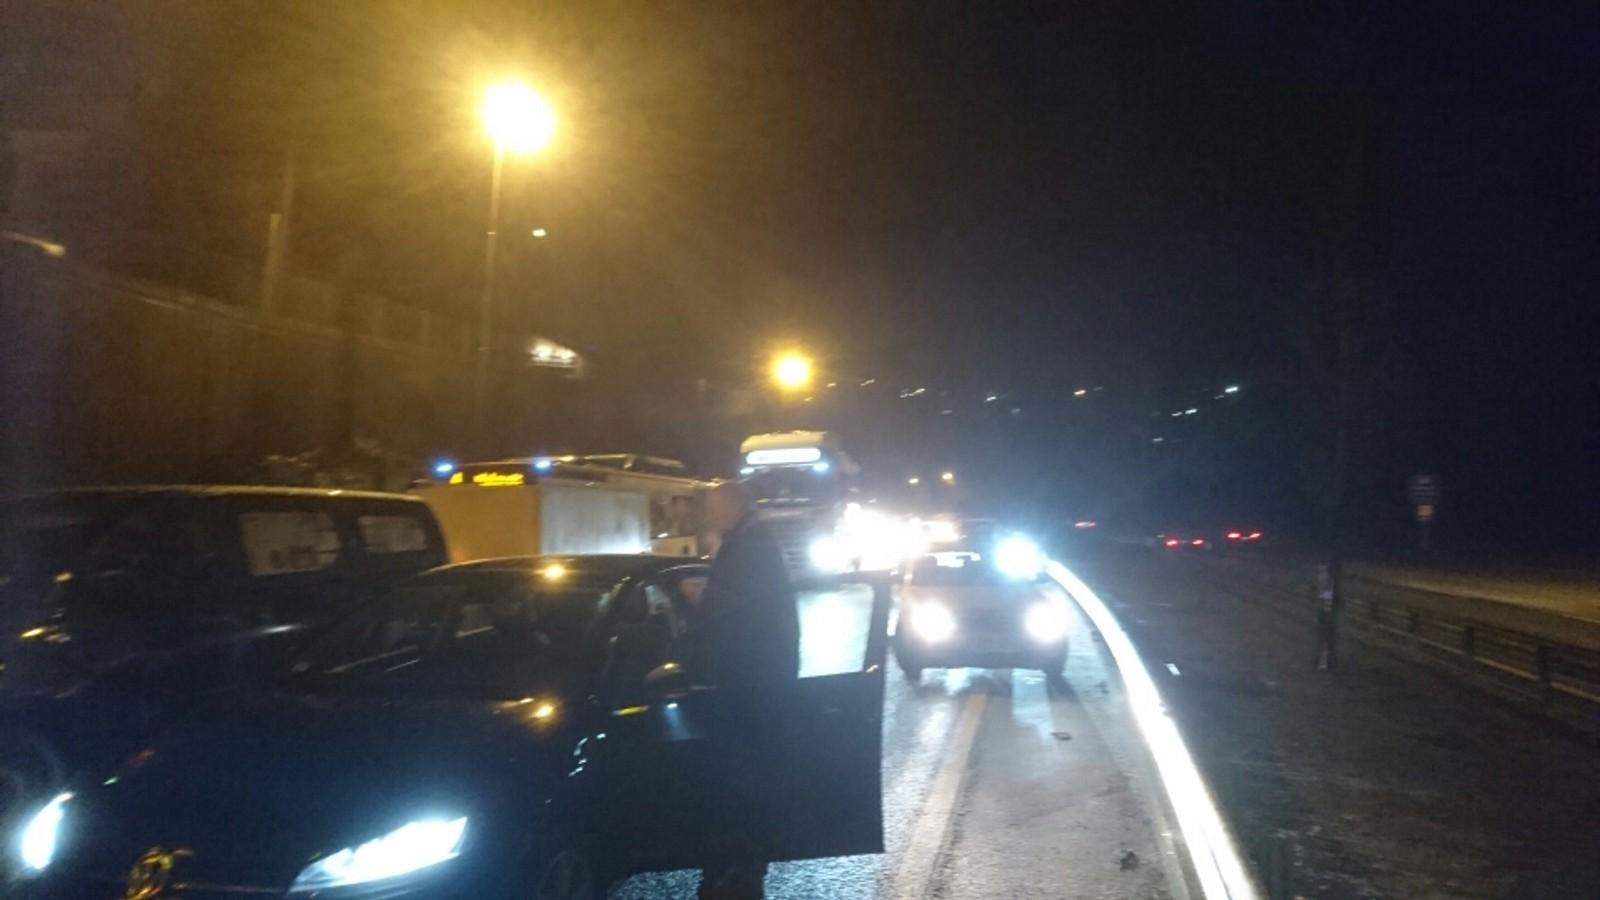 En bilist NRK snakket med, forteller at han så bilen foran seg suse rett inn i køen. Han valgte selv å kjøre av veien og inn i en mur utenfor veien, fremfor å havne i bilkaoset.